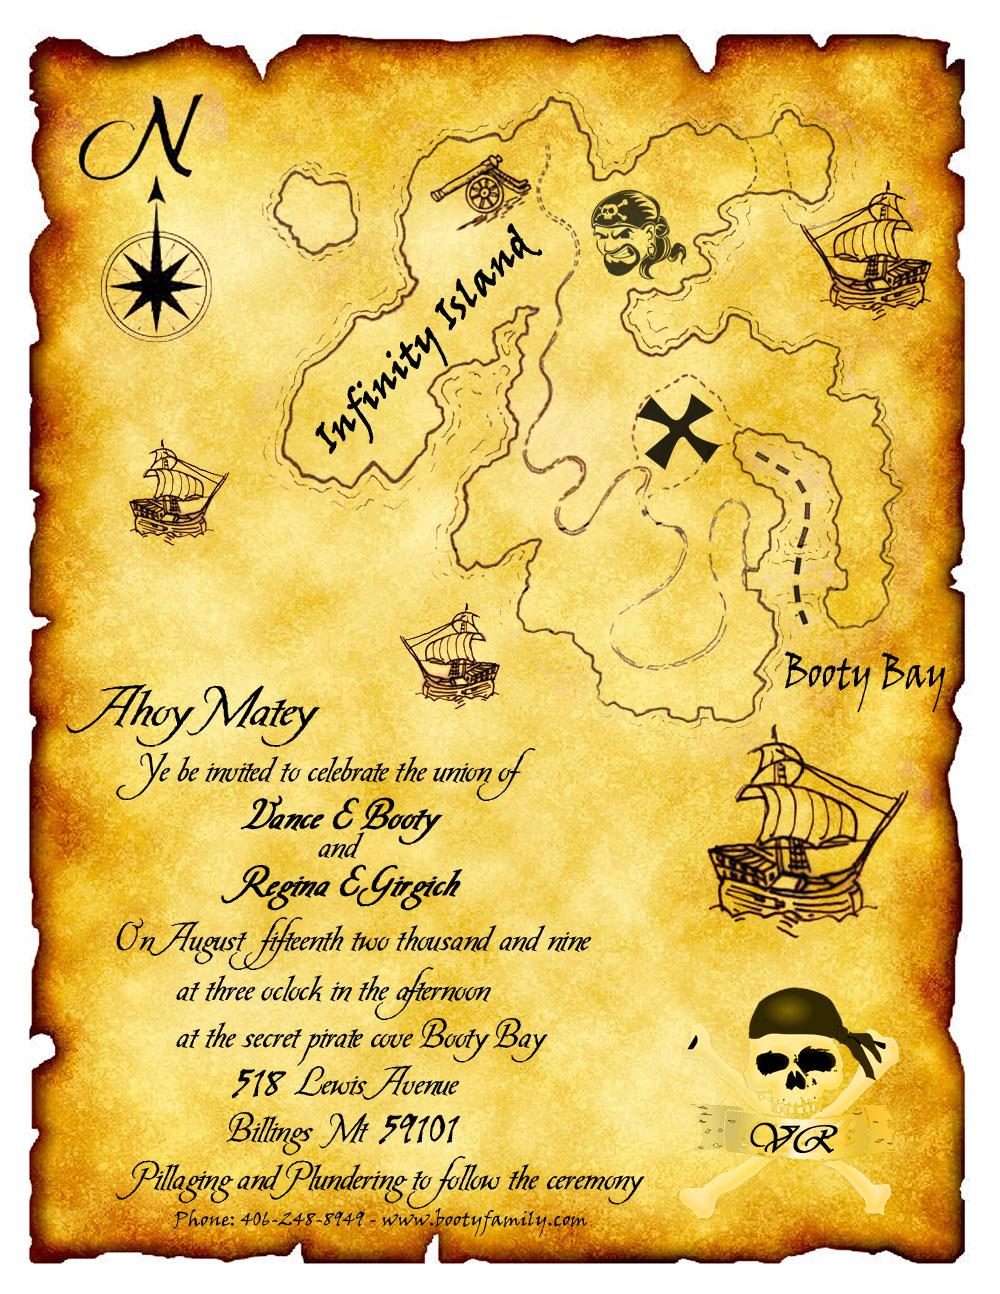 023 Template Ideas Treasuremap Beach Wedding Invitation ~ Ulyssesroom - Printable Maps For Wedding Invitations Free